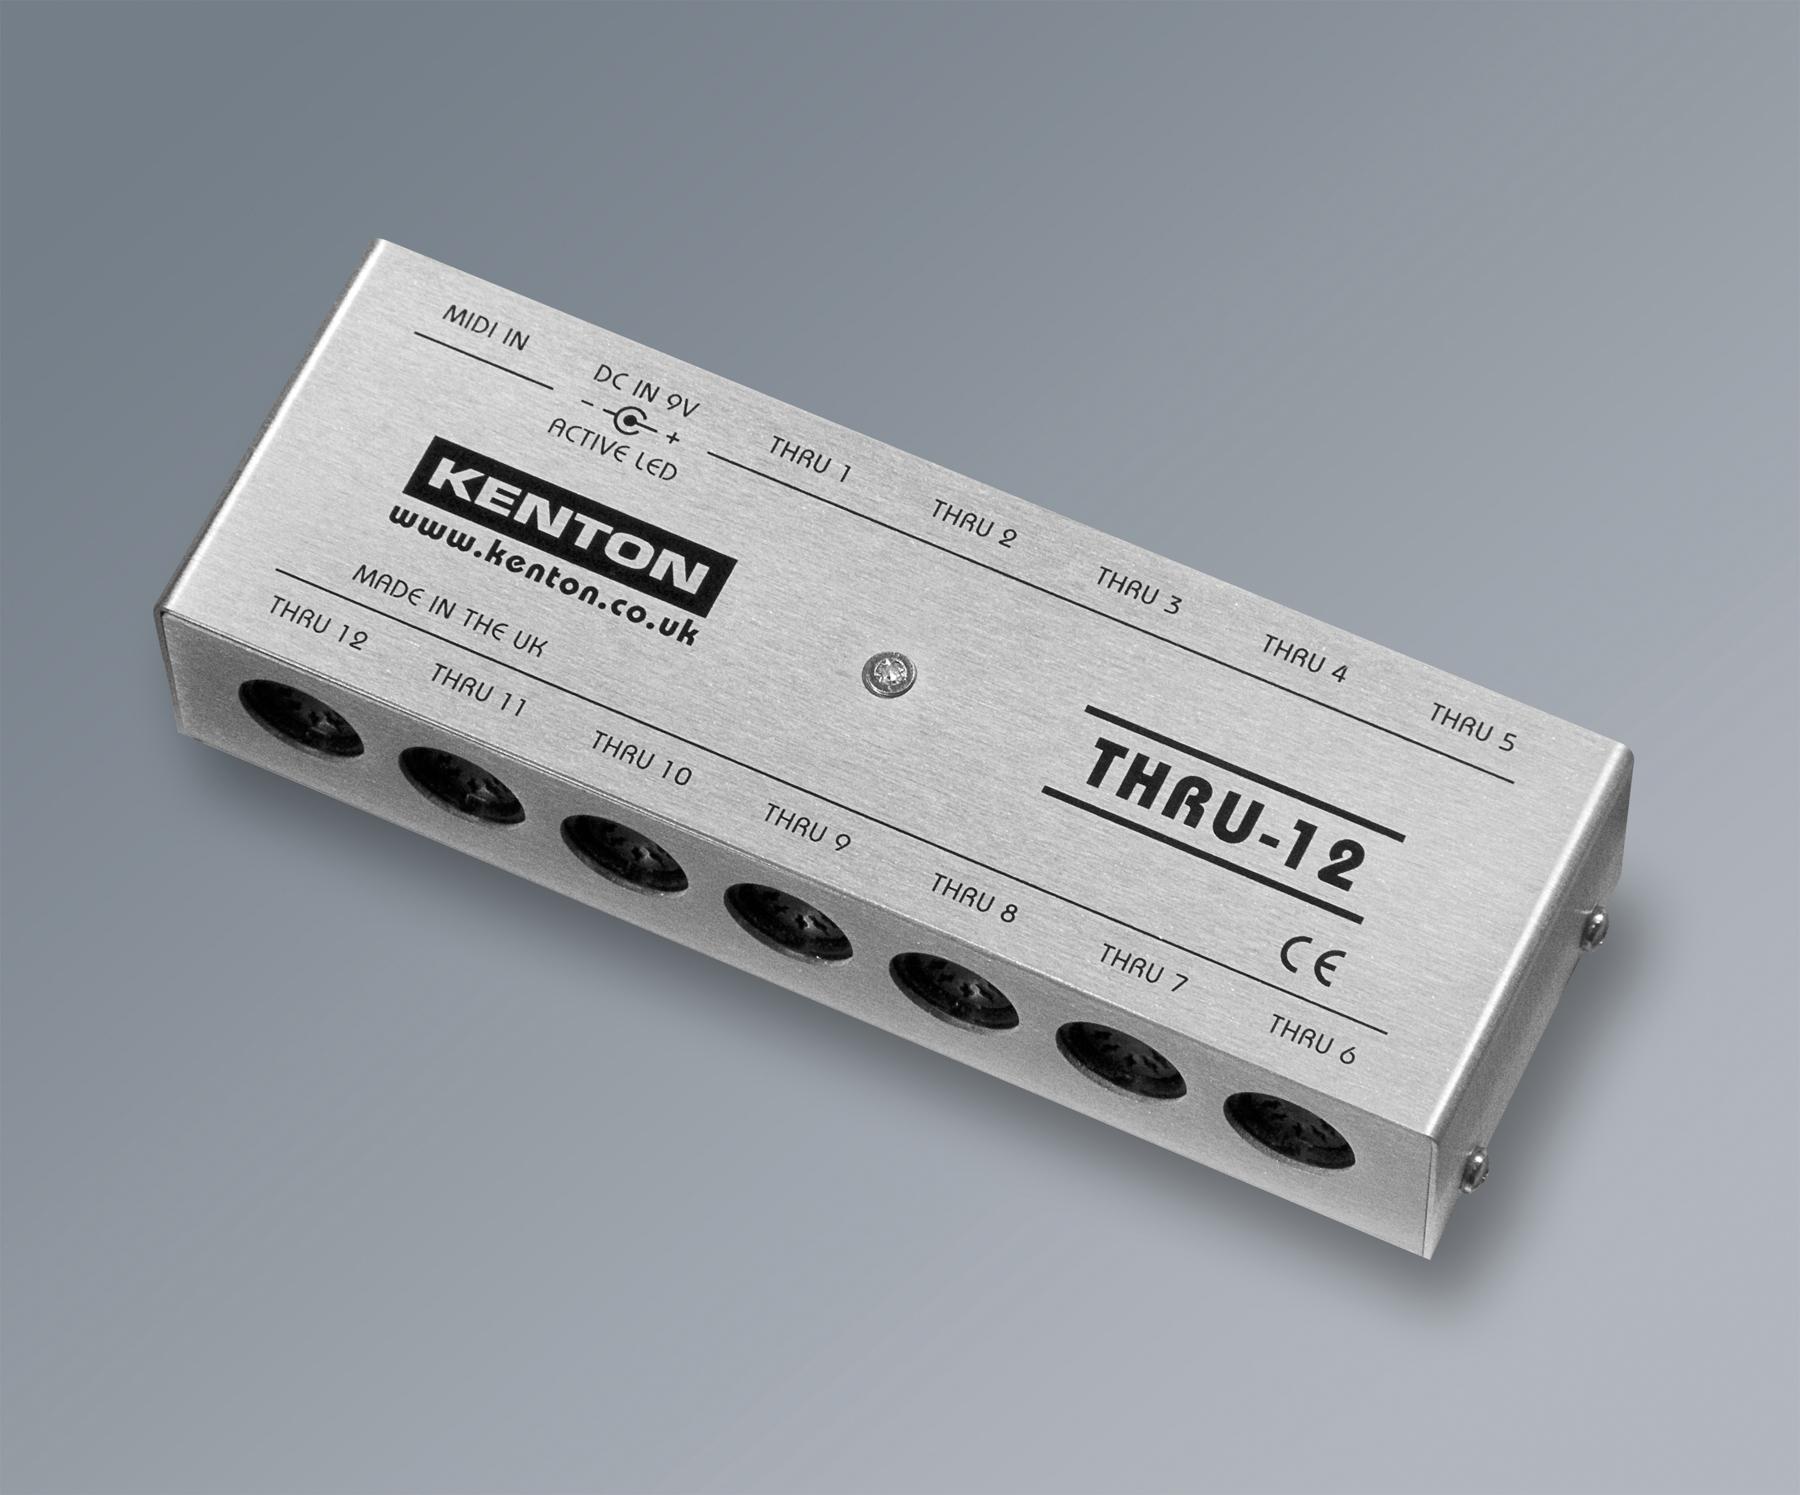 News: Kenton stellt Midi-Verteiler Thru-12 vor